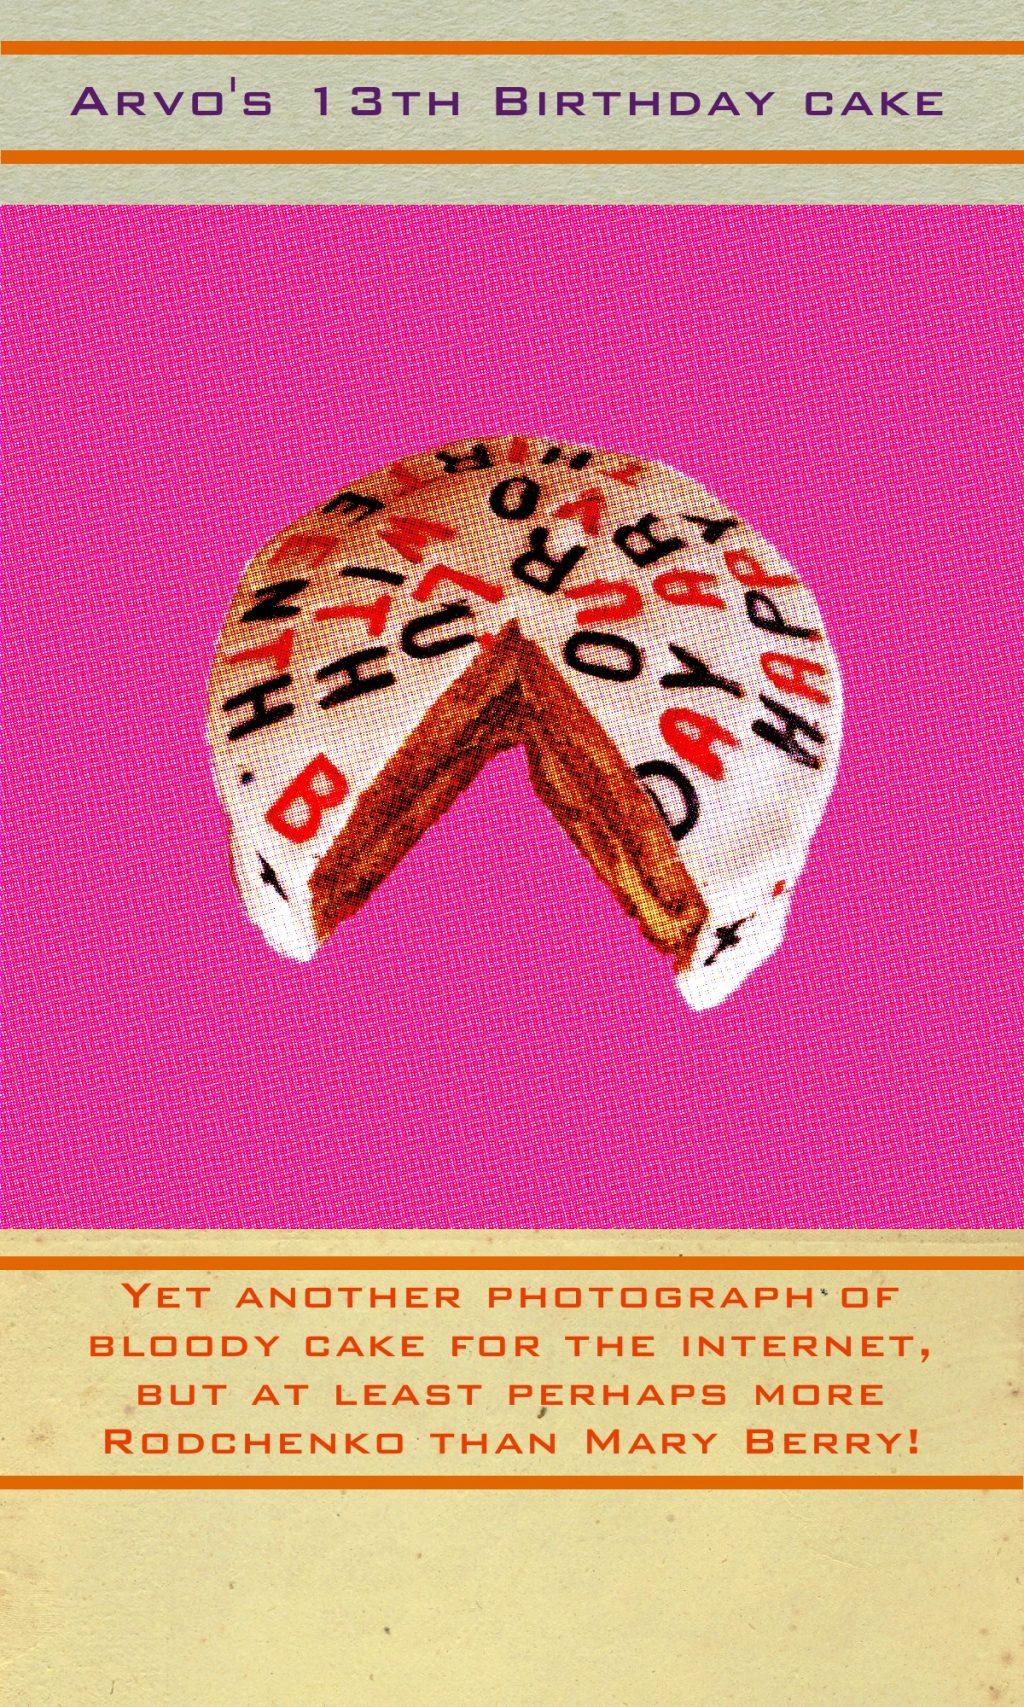 arvo-cake-3